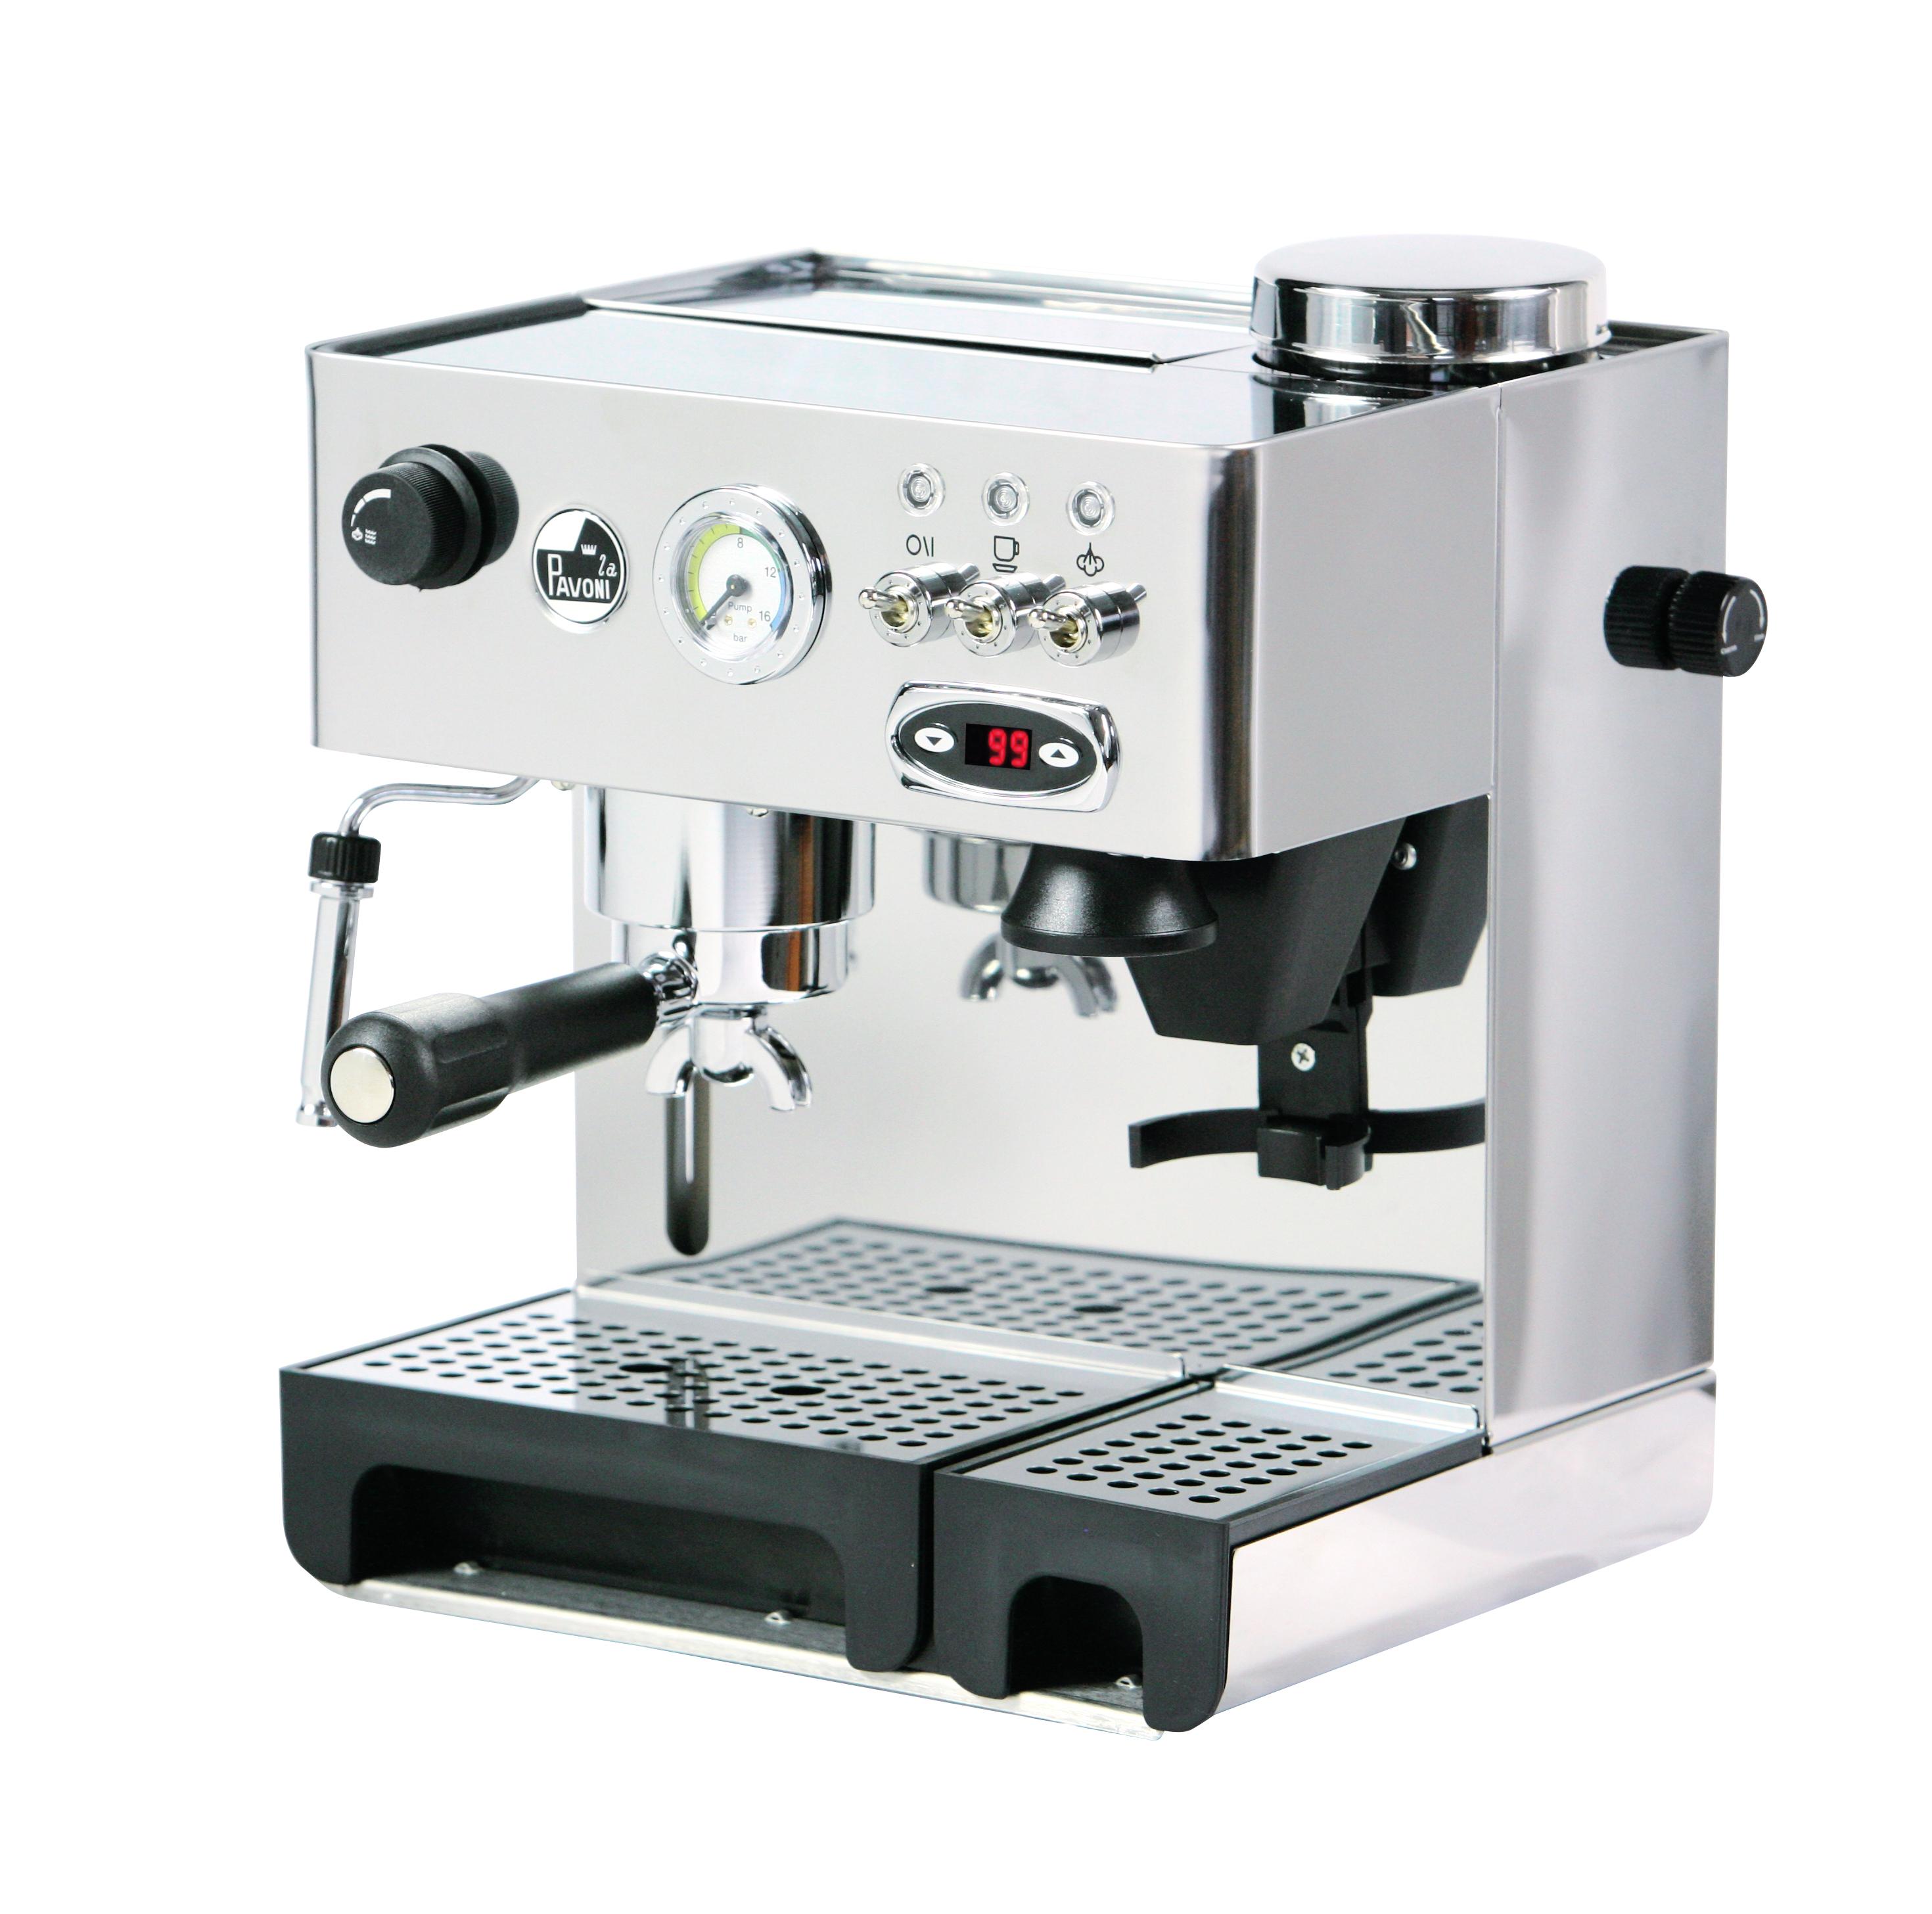 la pavoni domus bar dmb pid siebtr ger espressomaschine ebay. Black Bedroom Furniture Sets. Home Design Ideas